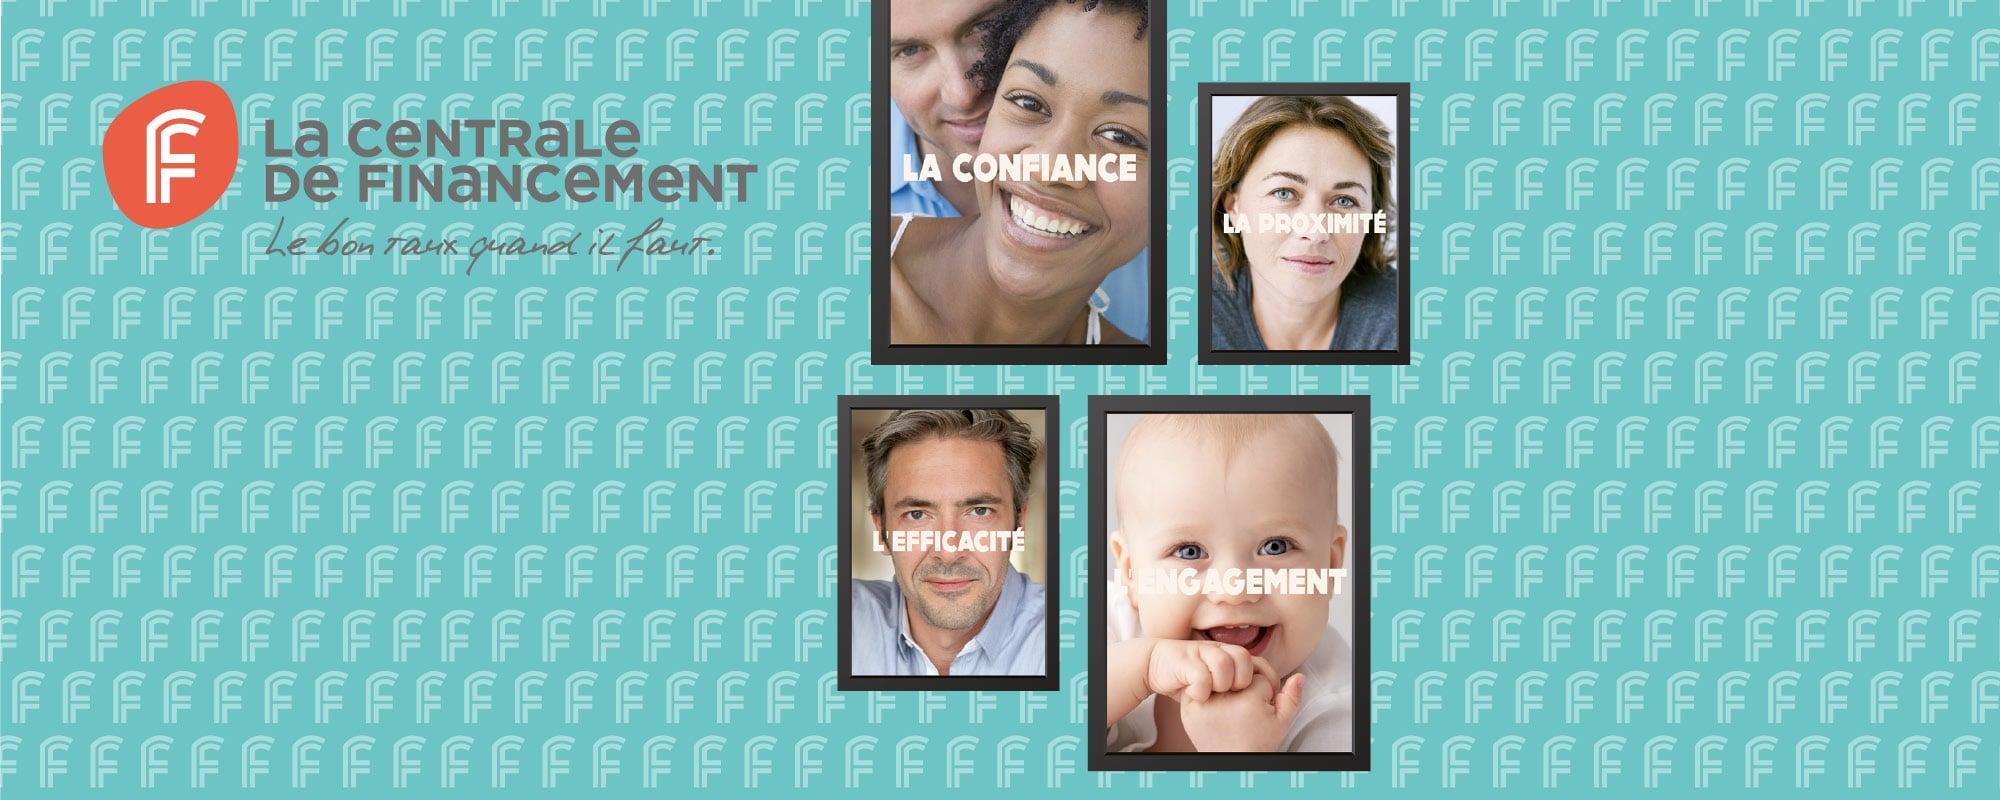 Animation La Centrale de Financement les 28 et 29 avril à Homexpo Bordeaux Lac